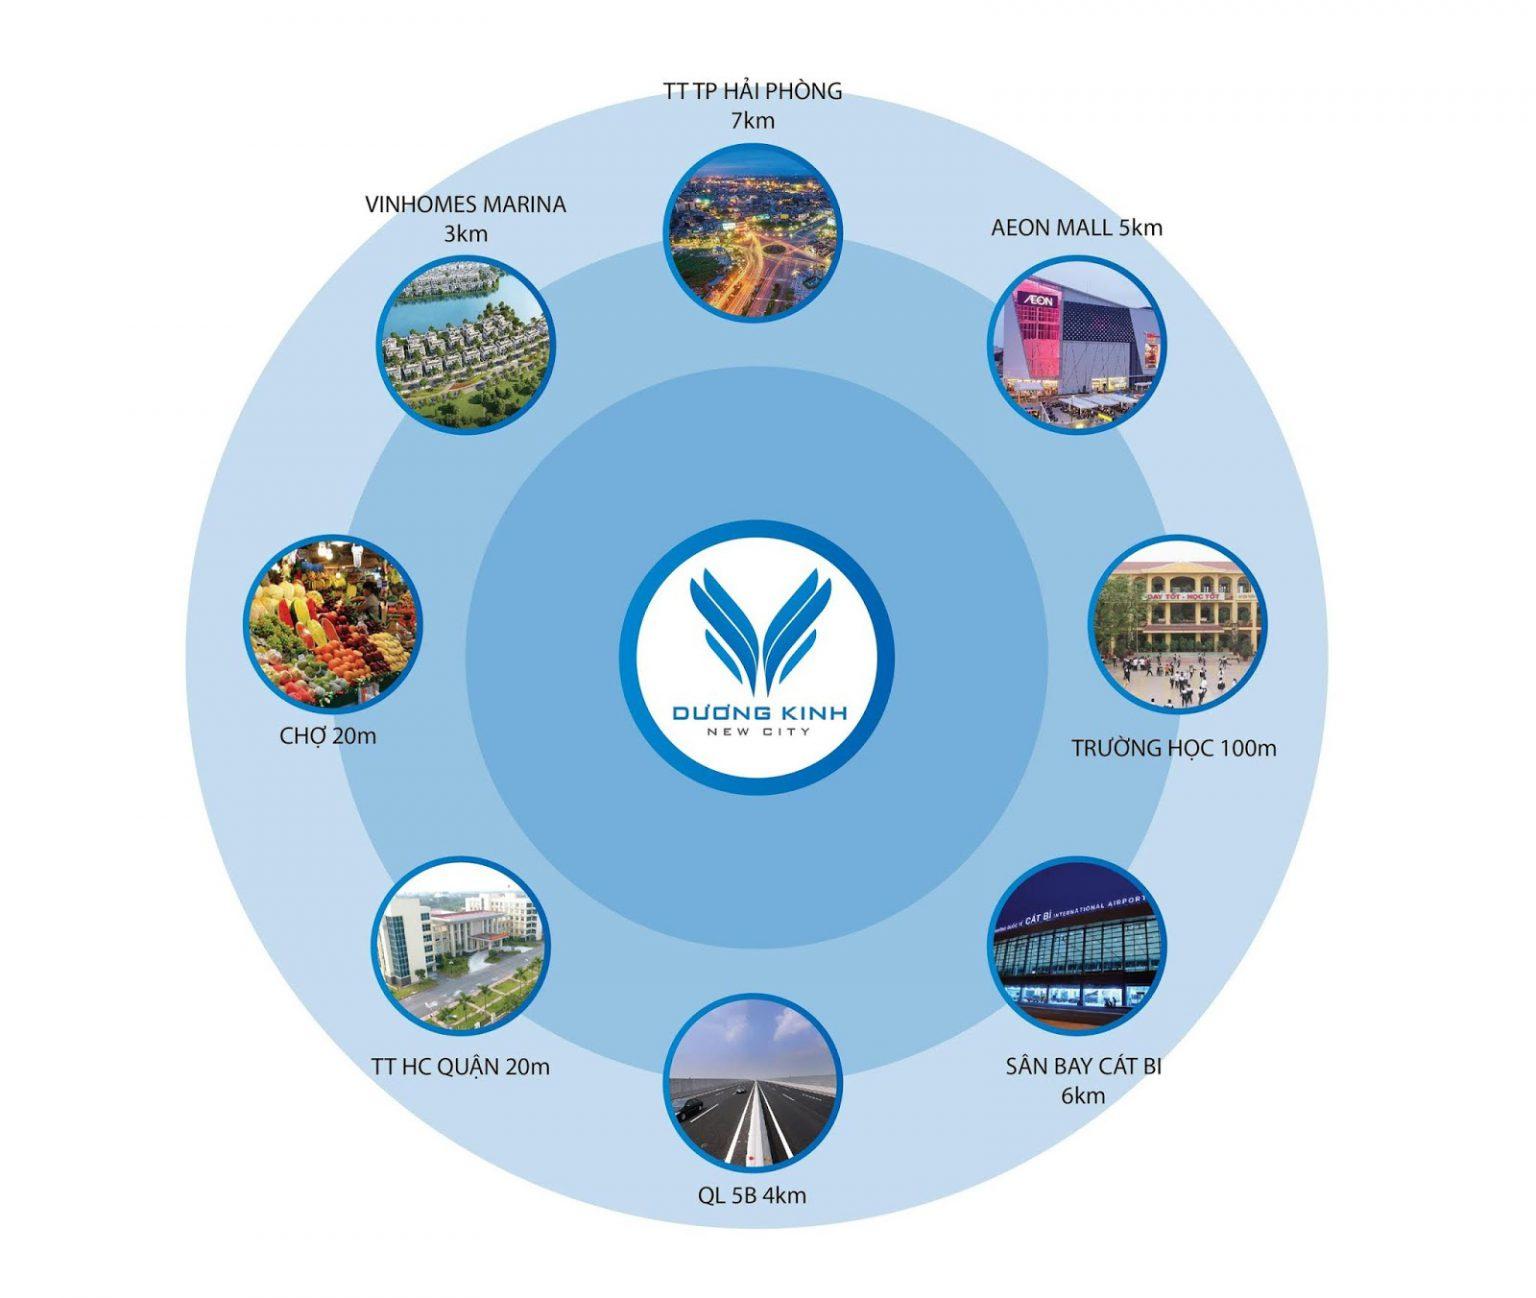 Sơ đồ mô tả Liên kết tiện ích dự án Dương Kinh New City